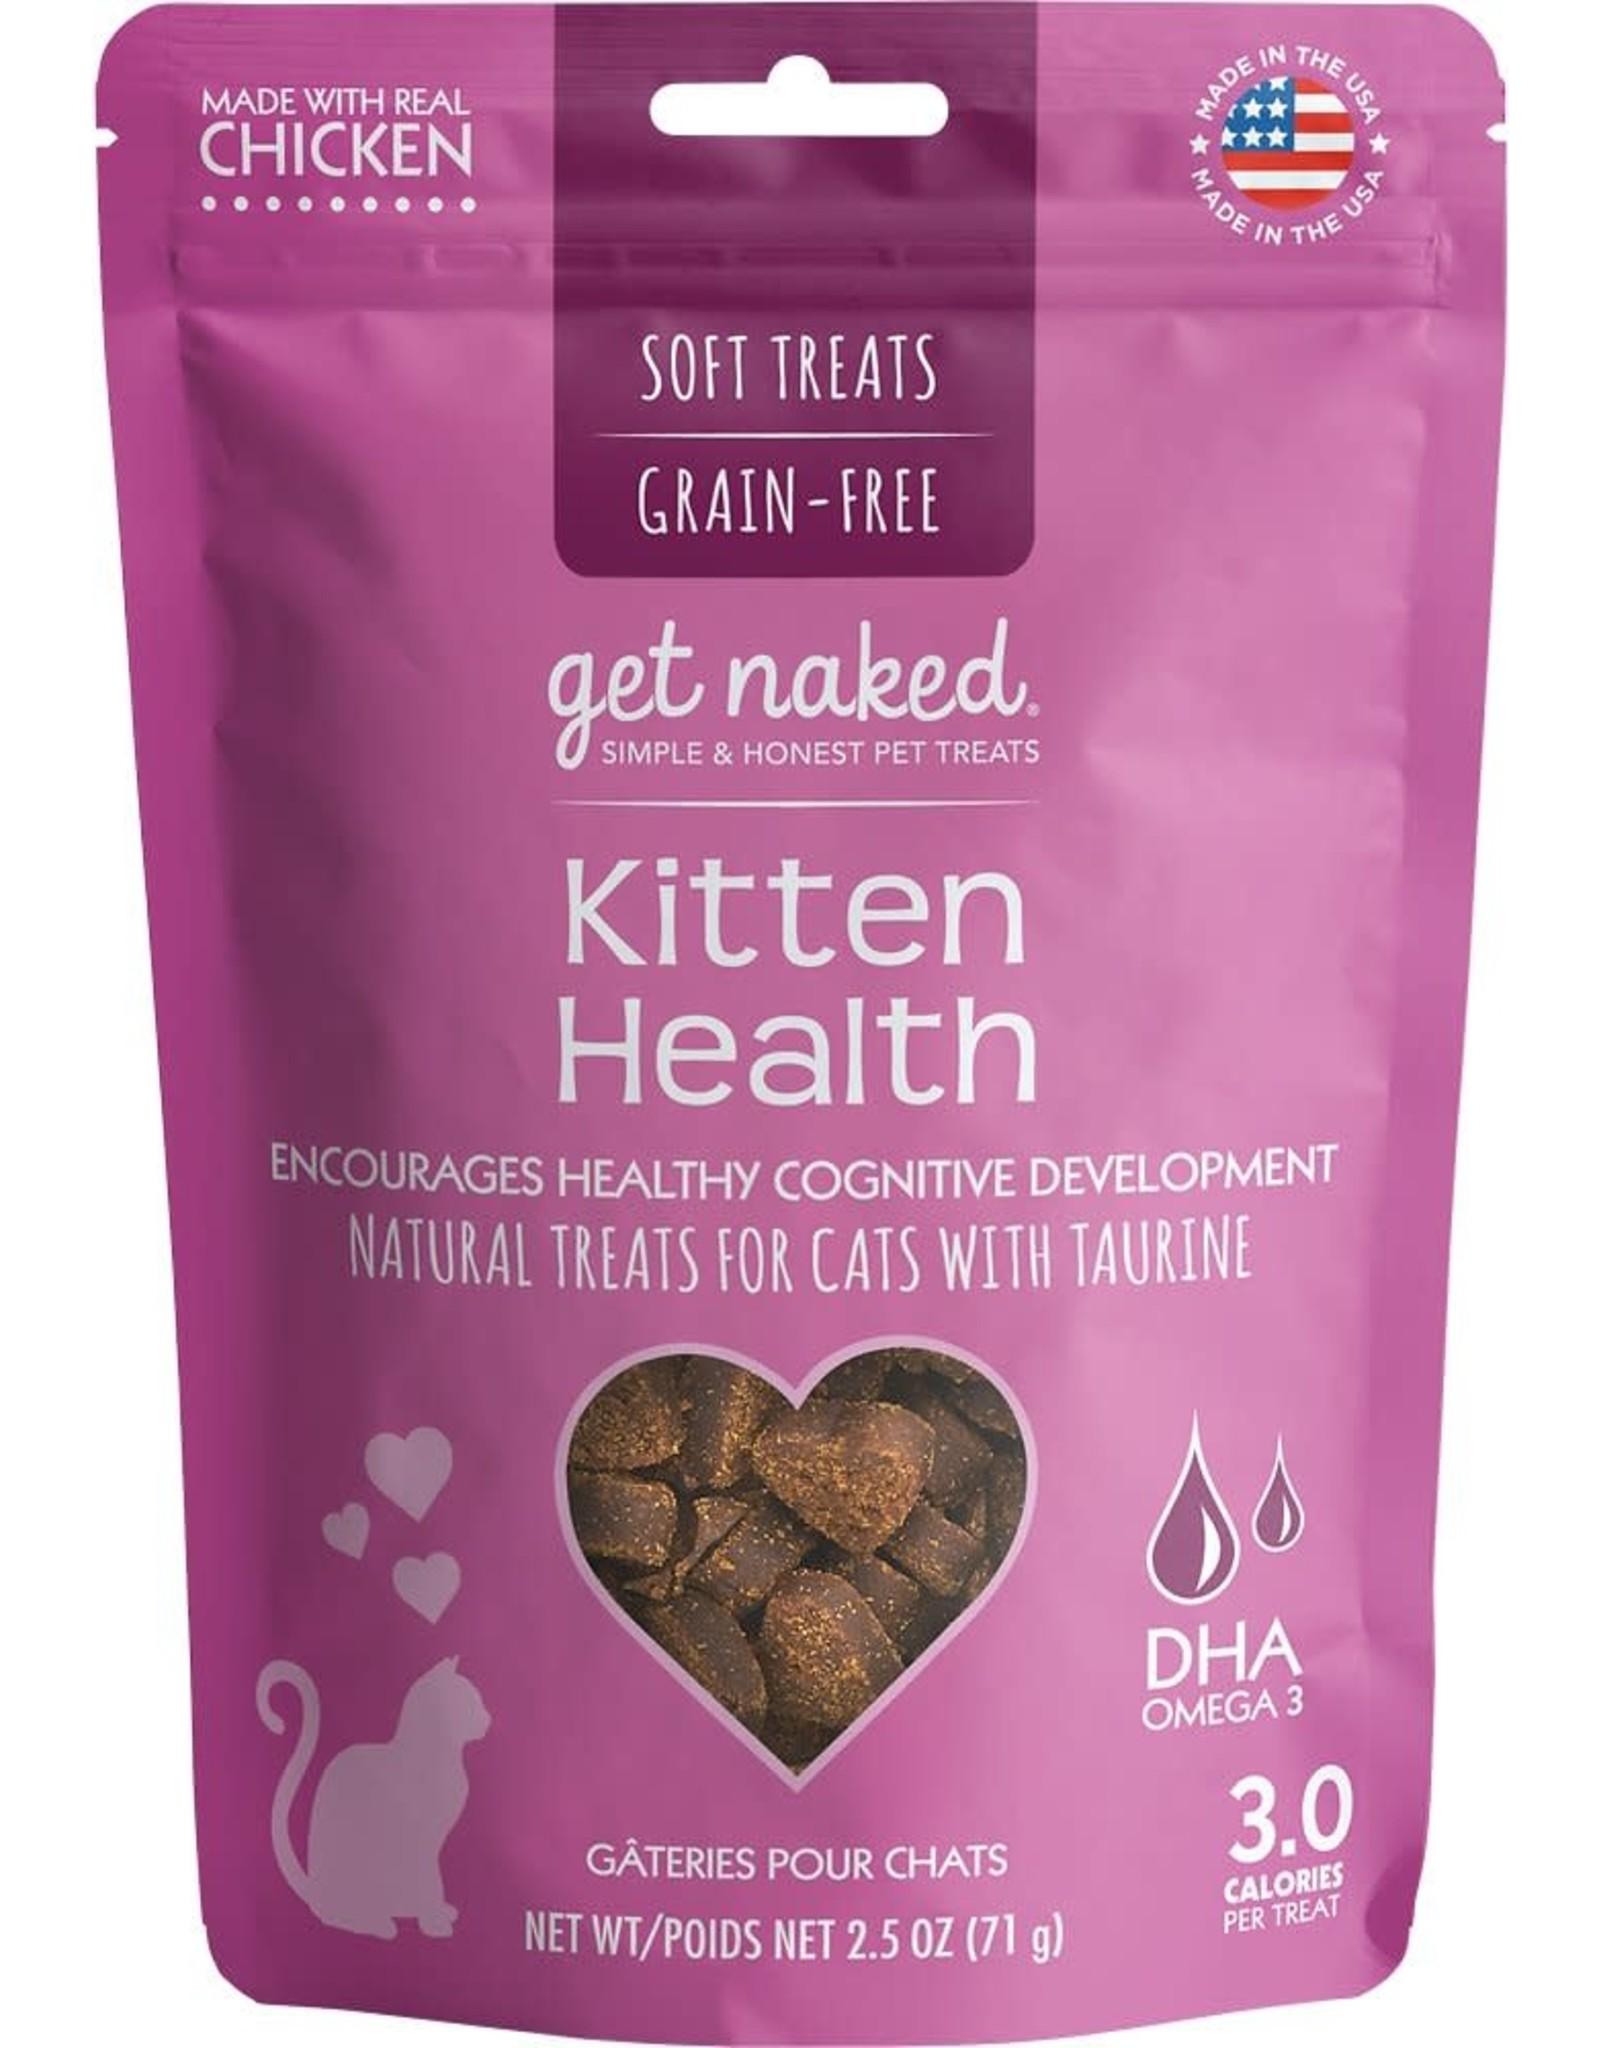 Get Naked Kitten Health Treat